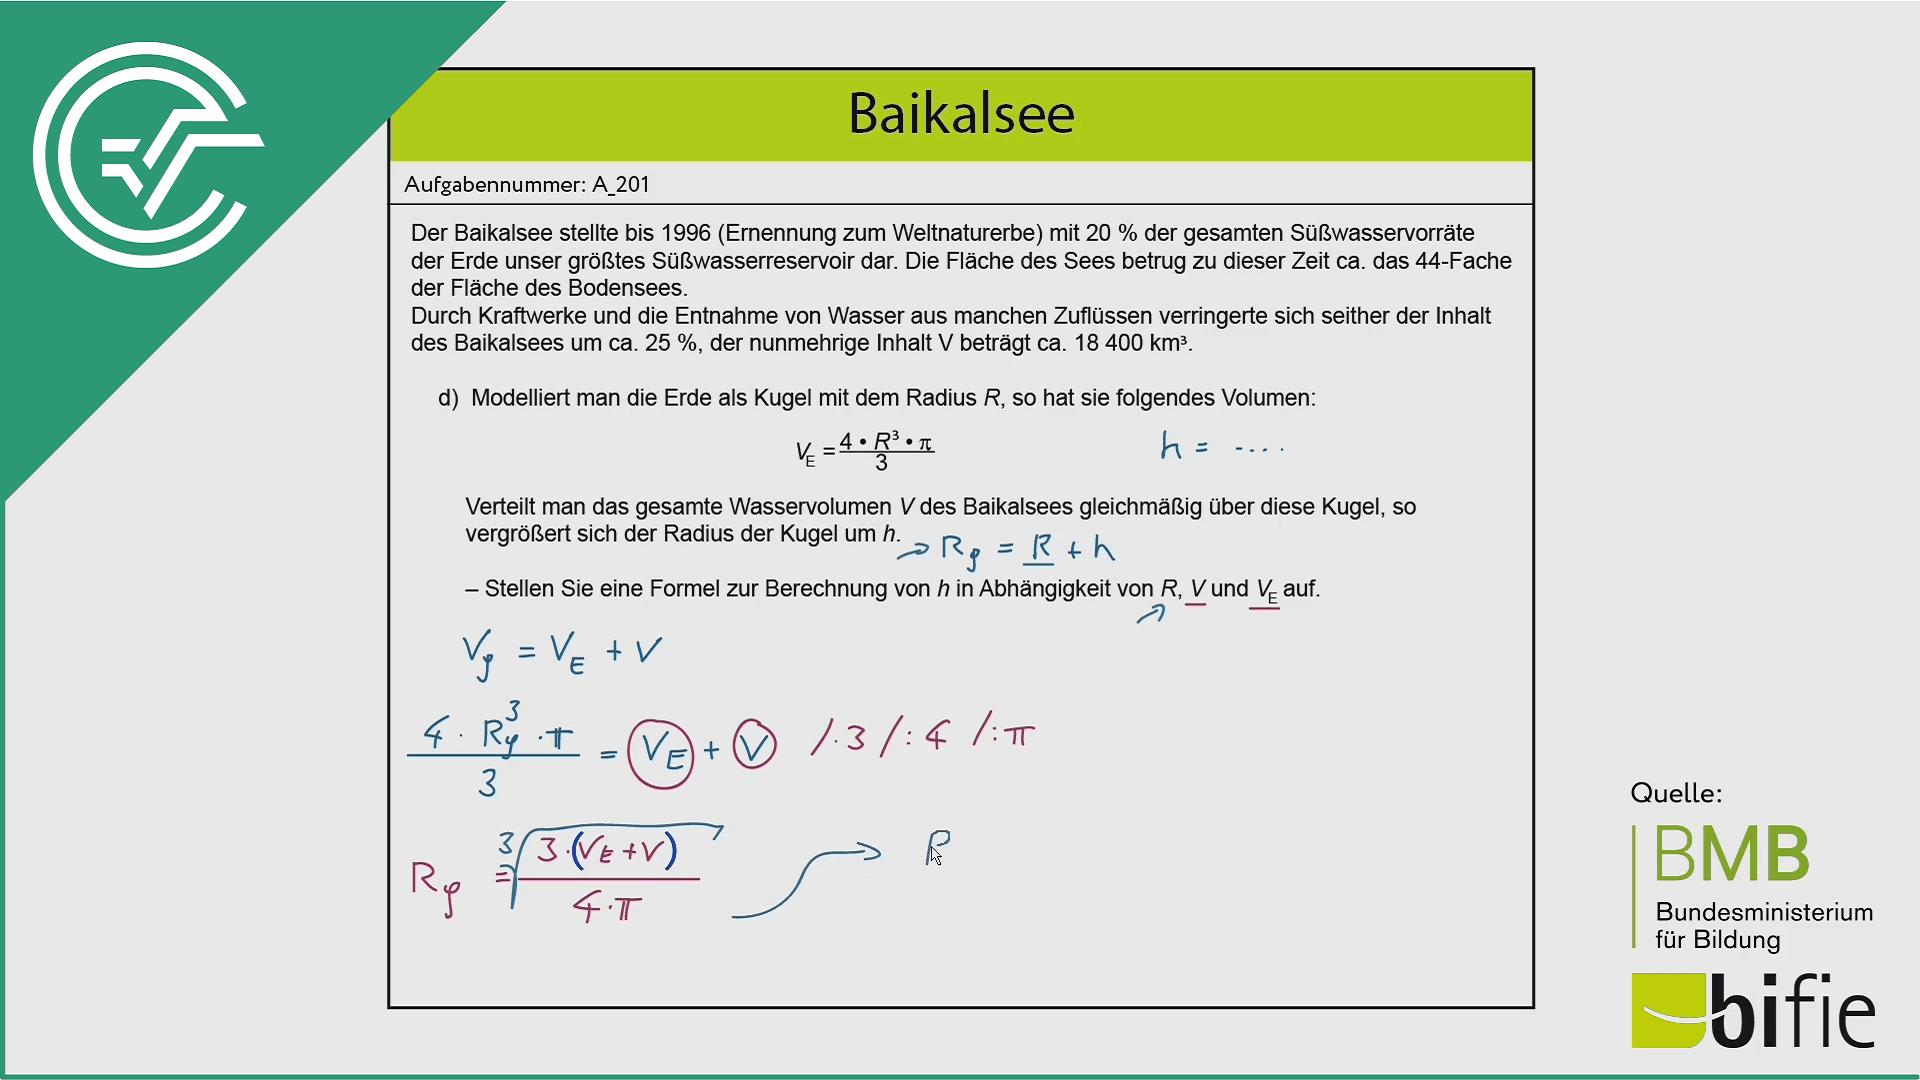 A_201 Baikalsee d [Gleichung umformen]